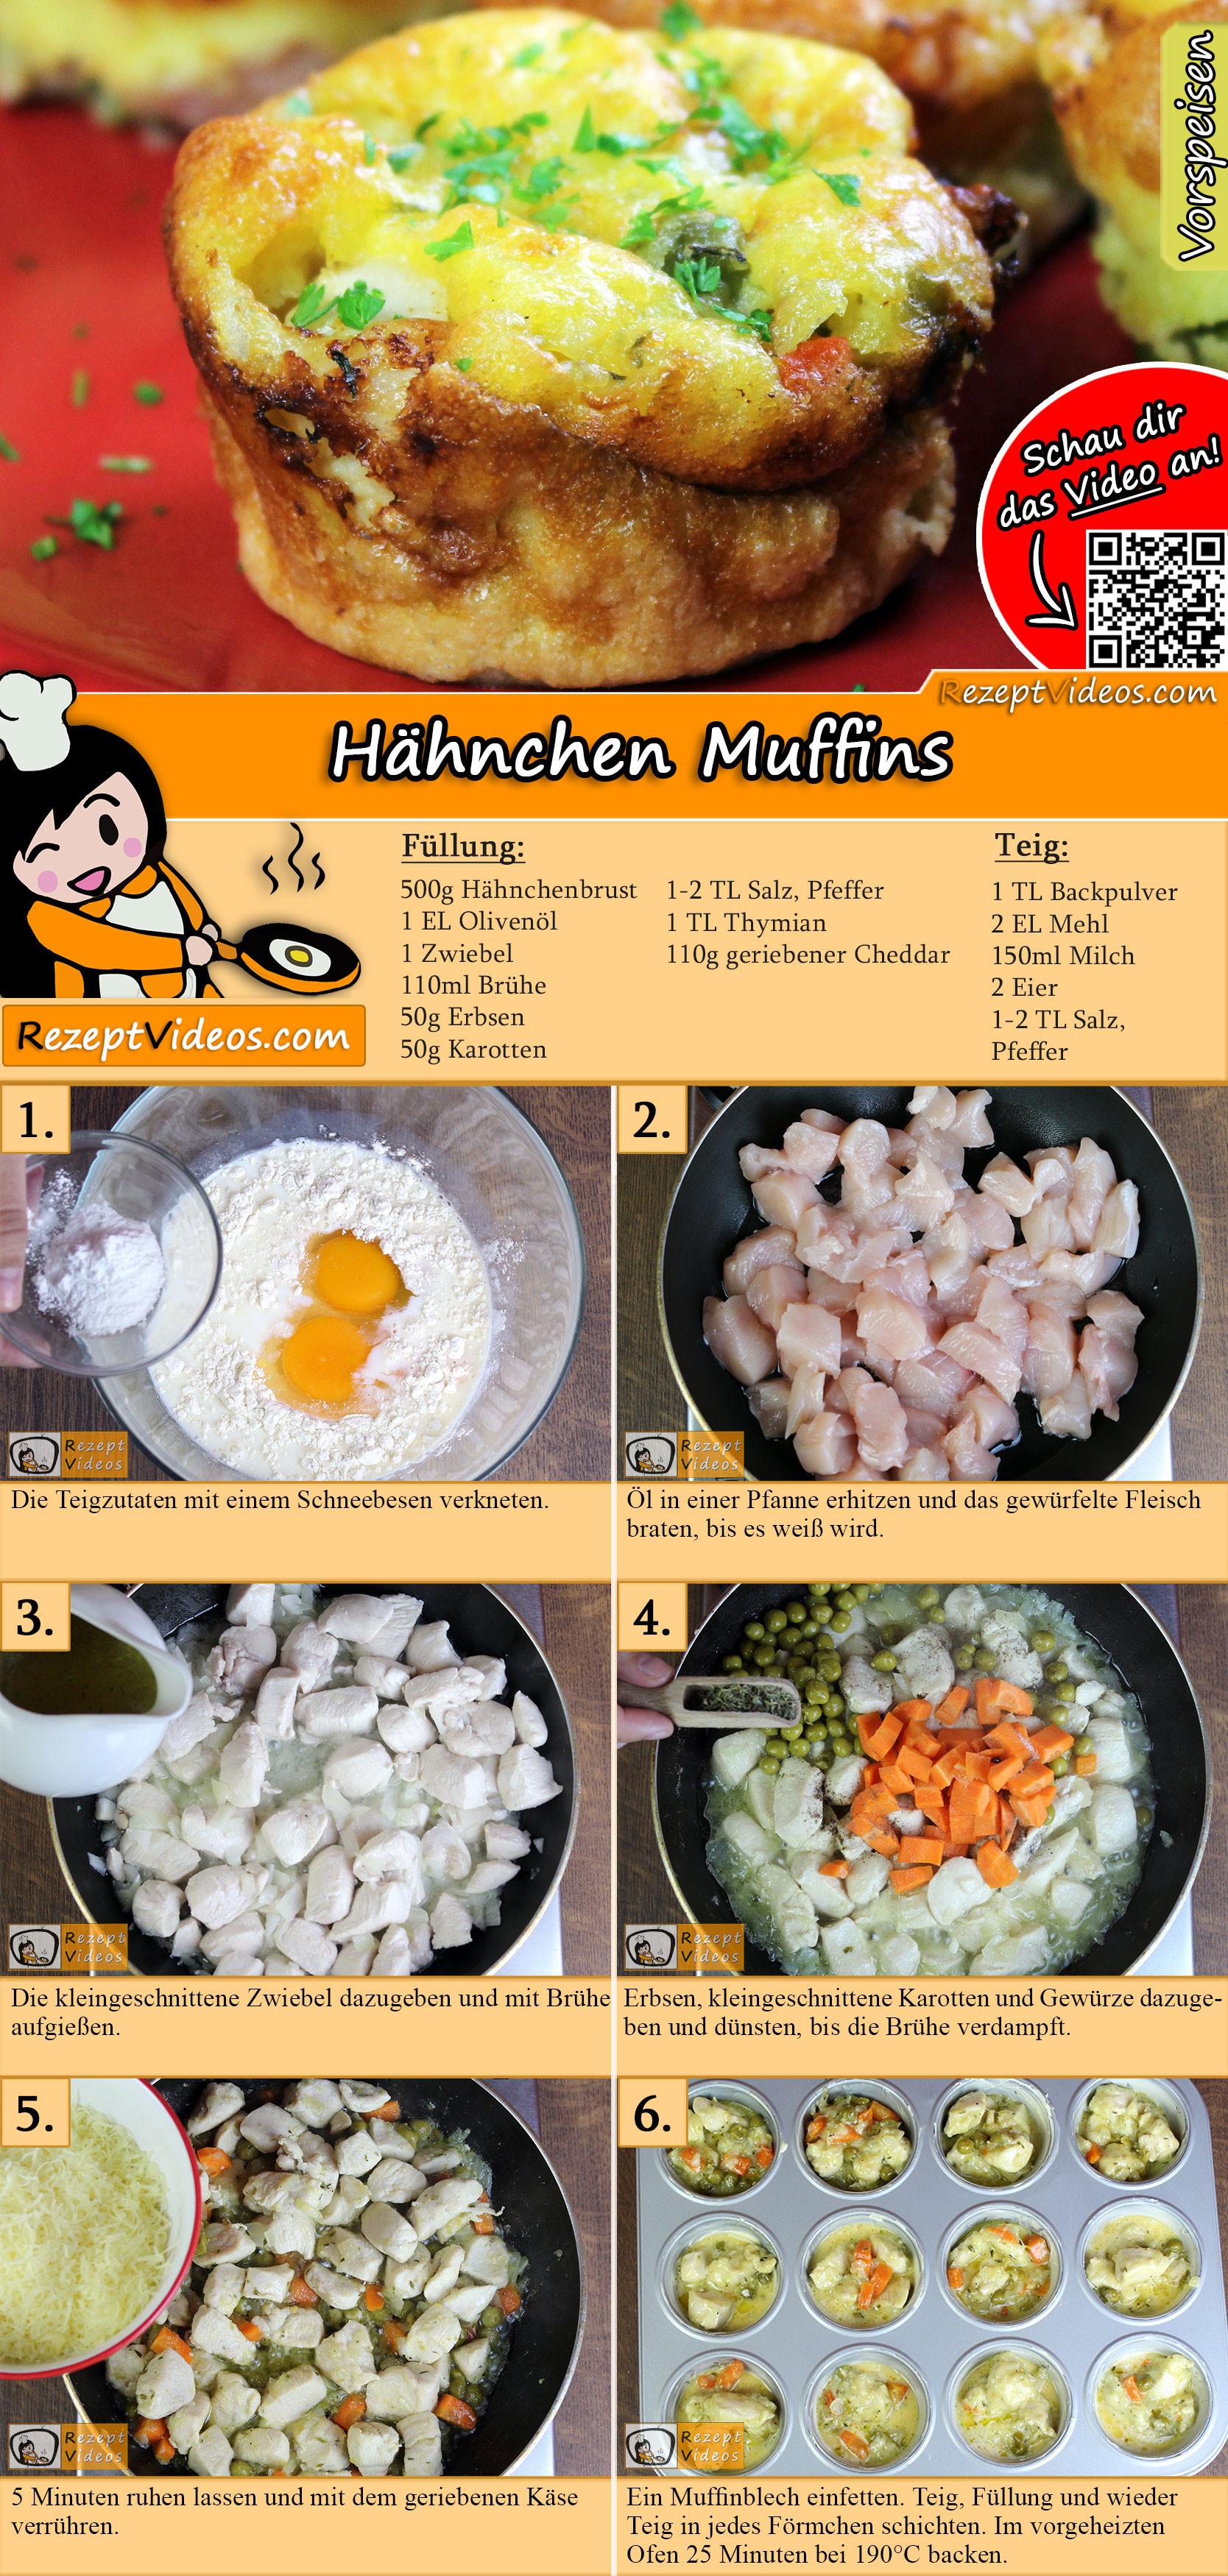 Hähnchen Muffins Rezept mit Video